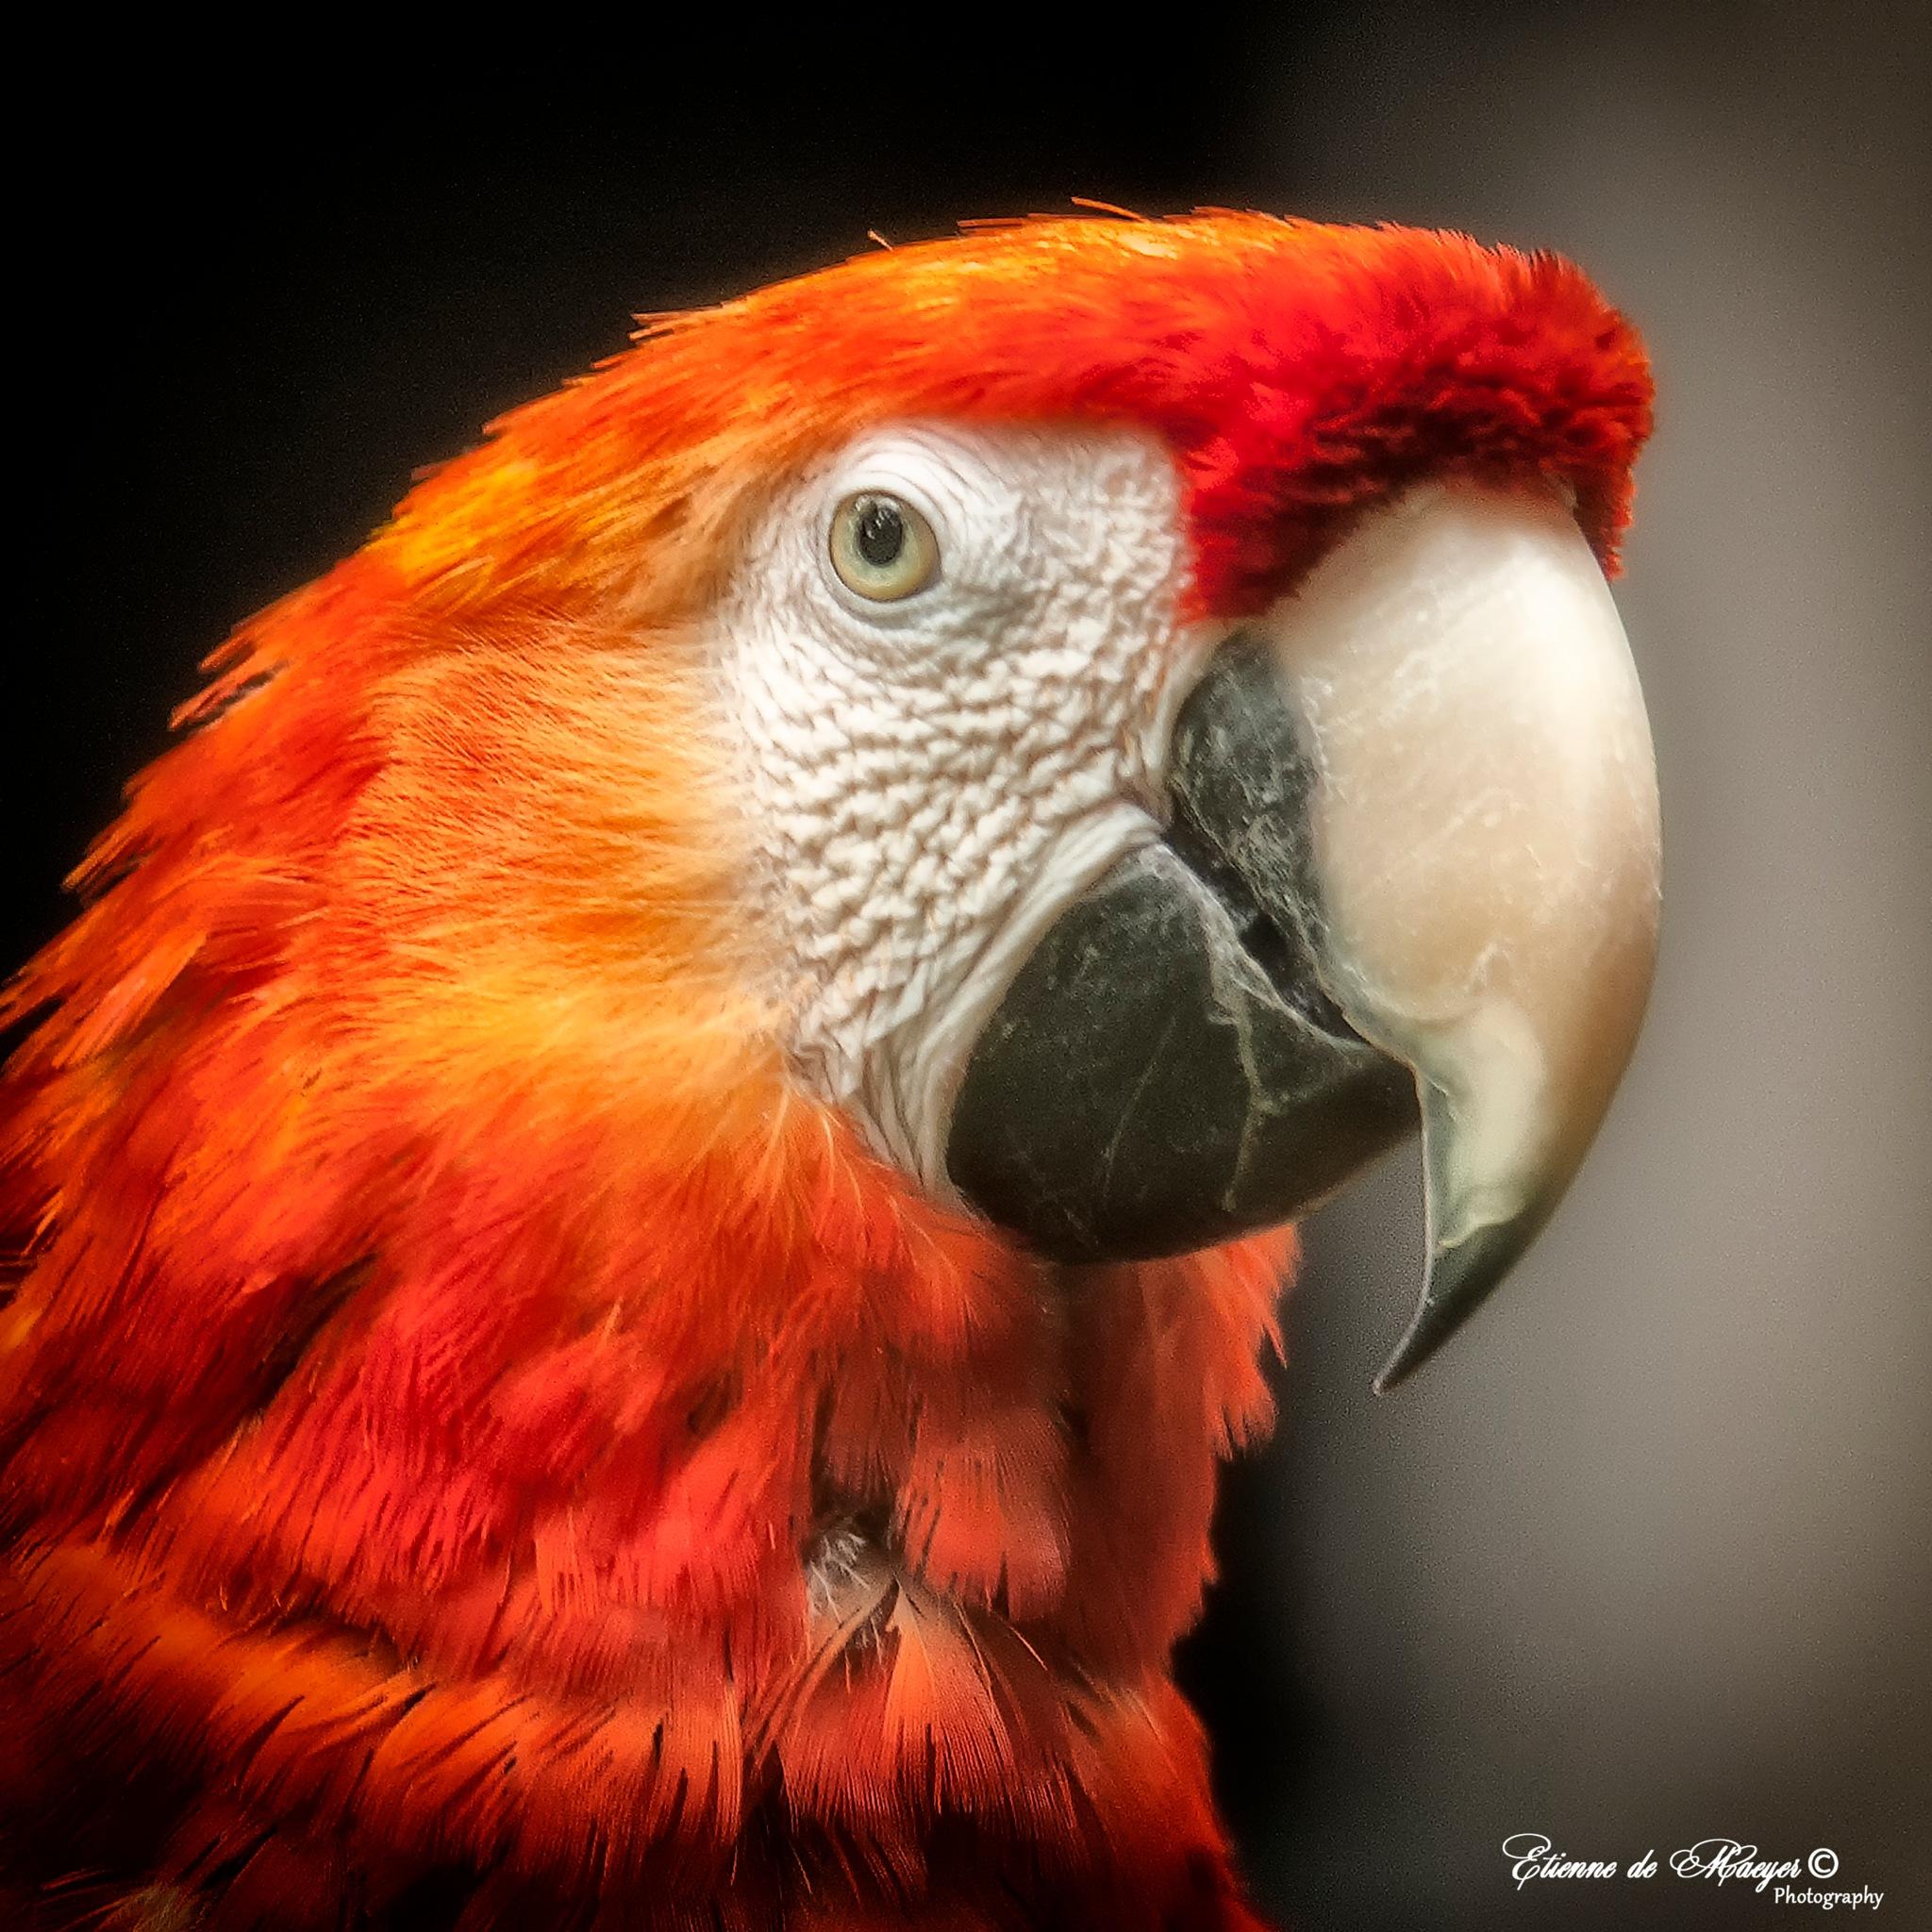 Macaw by Etienne de Maeyer